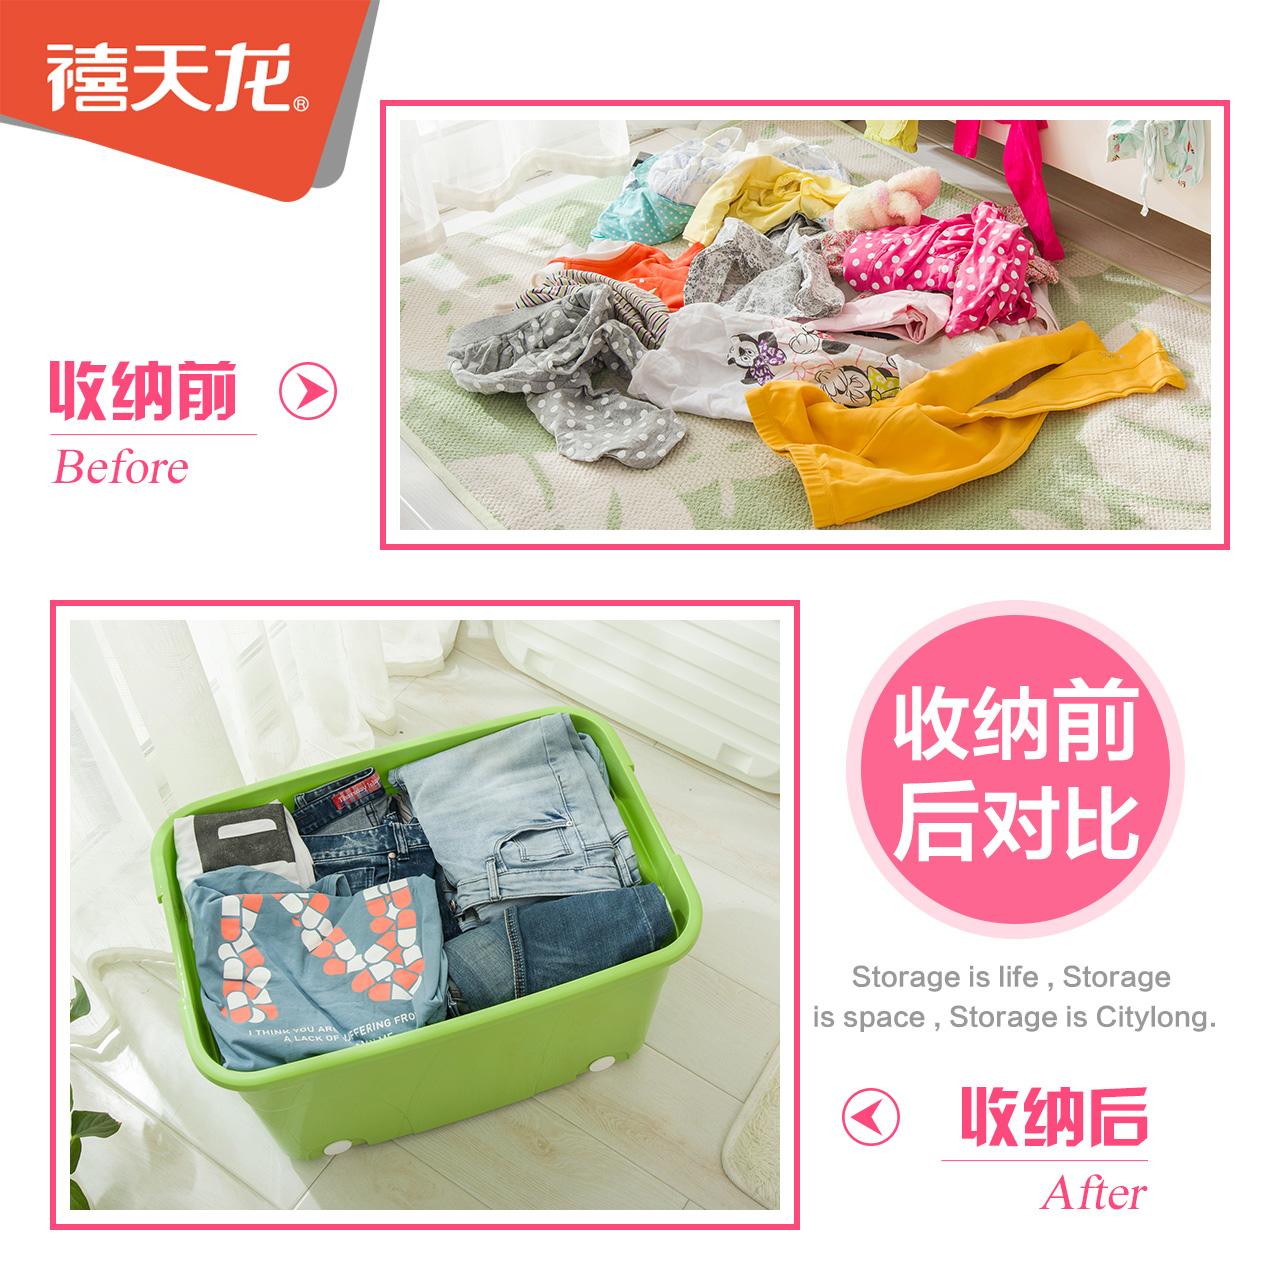 禧天龙塑料收纳箱大号玩具整理箱儿童衣服收纳箱带轮有盖周转箱